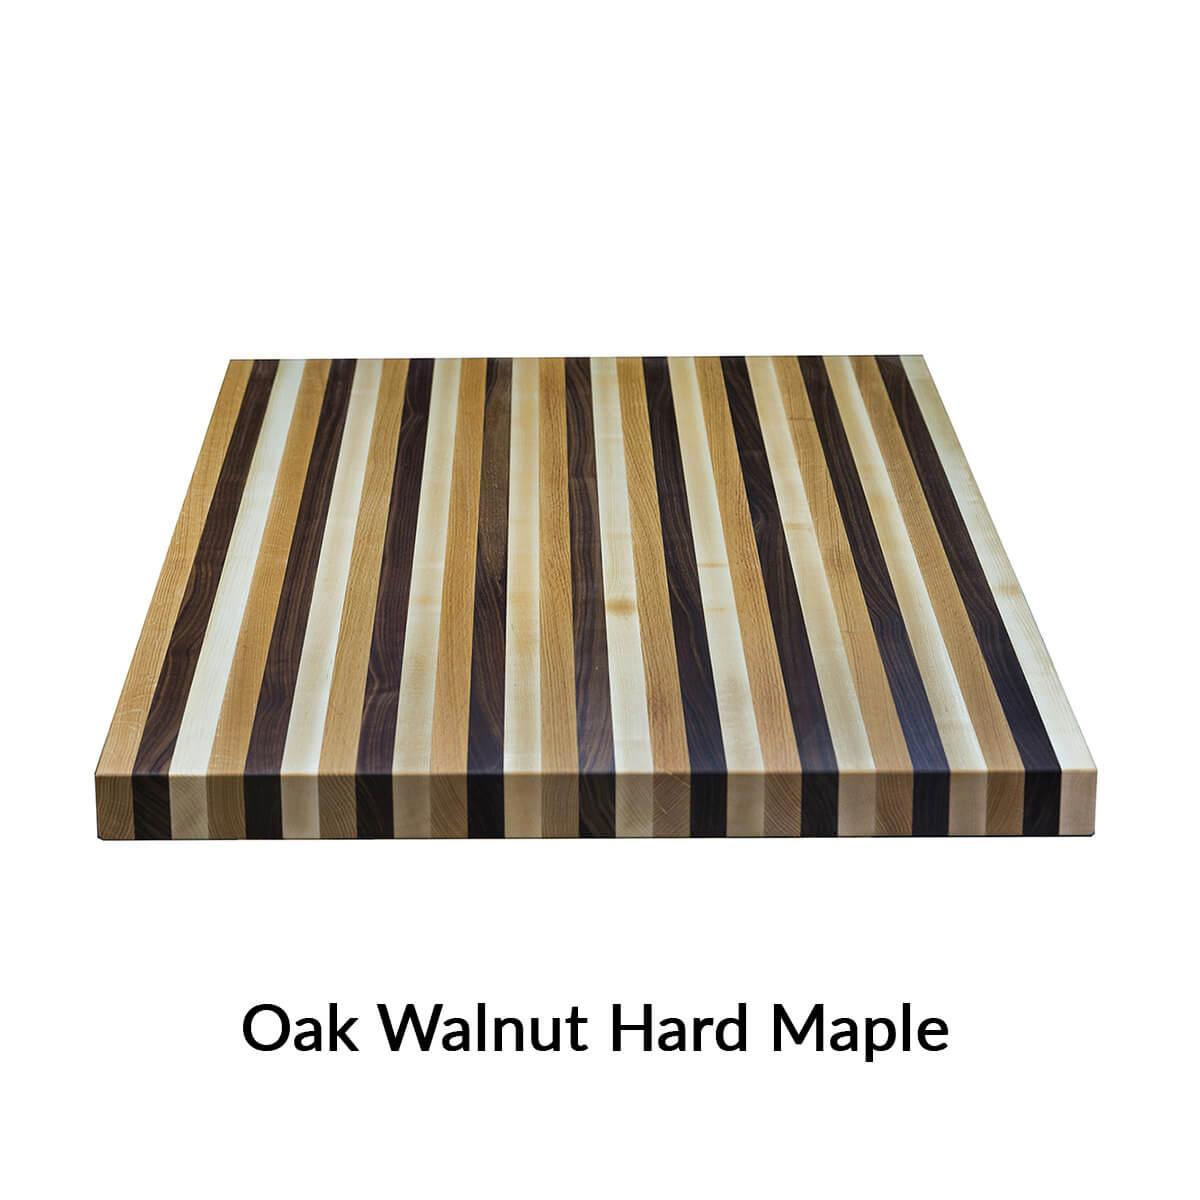 5-oak-walnut-hard-maple-option.jpg